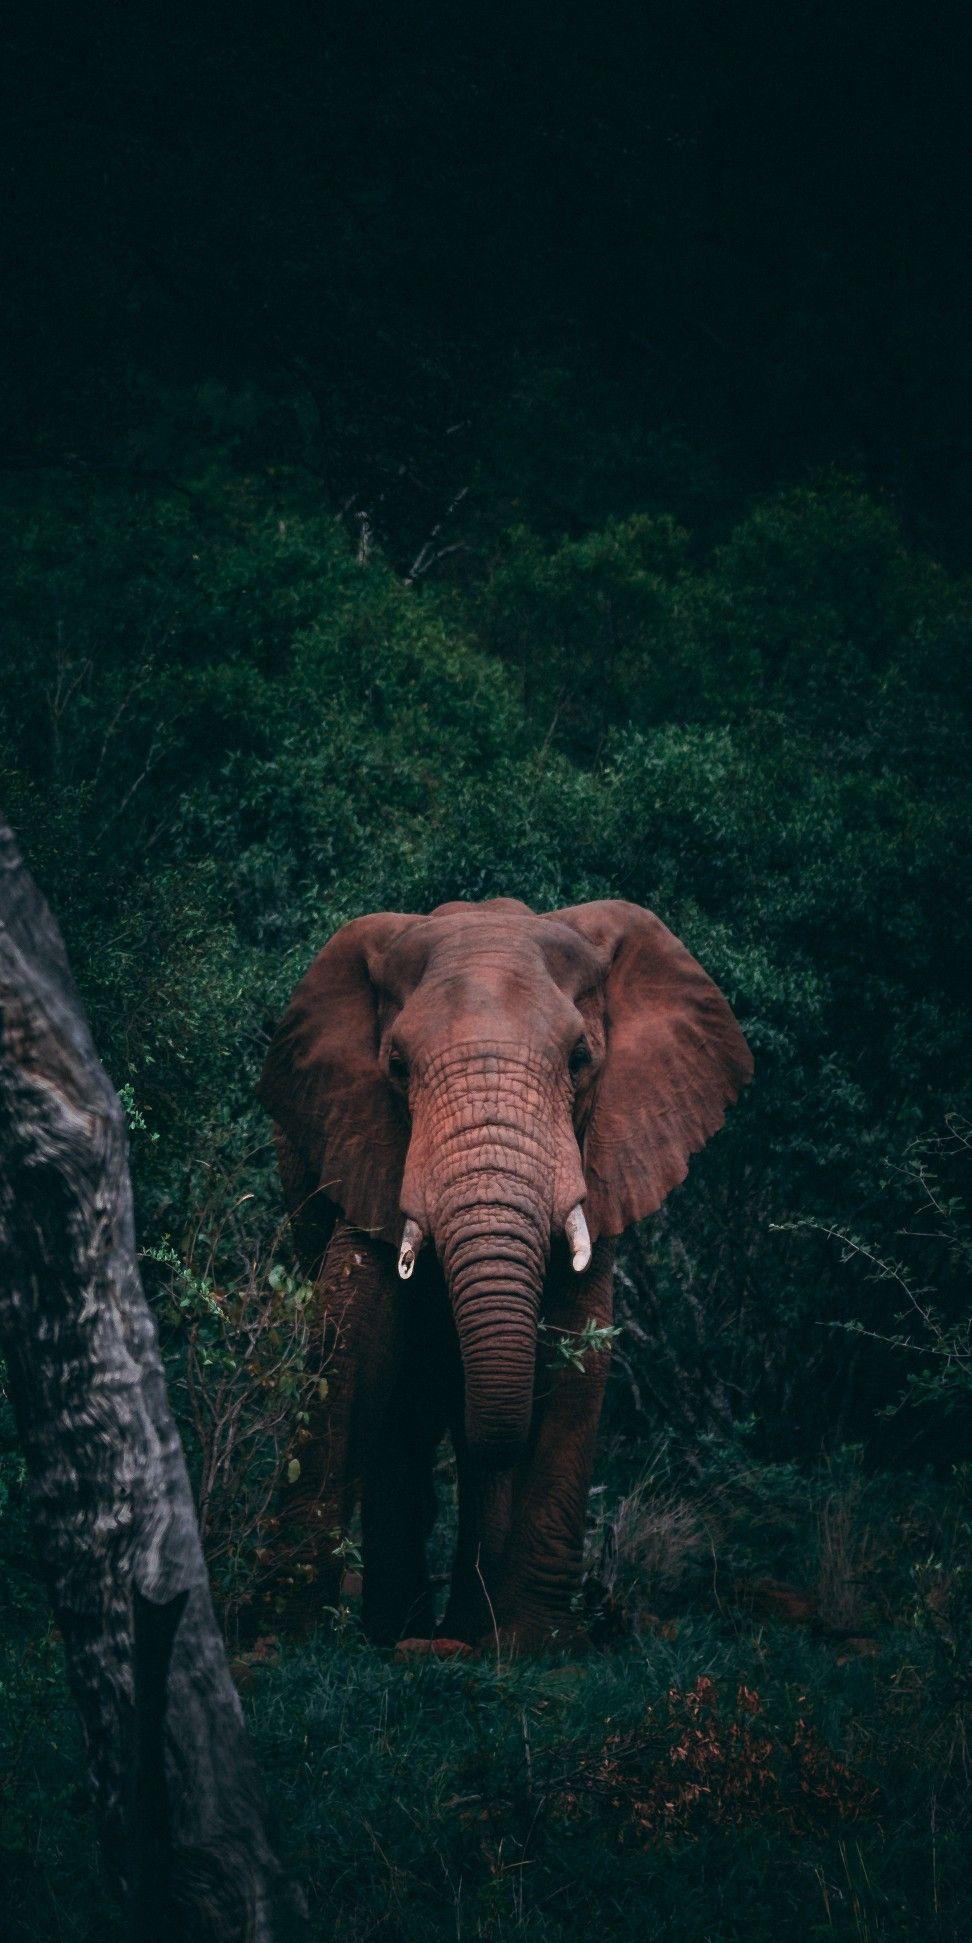 Beautiful Photo Elephants Photos Animals Beautiful Elephant Photography